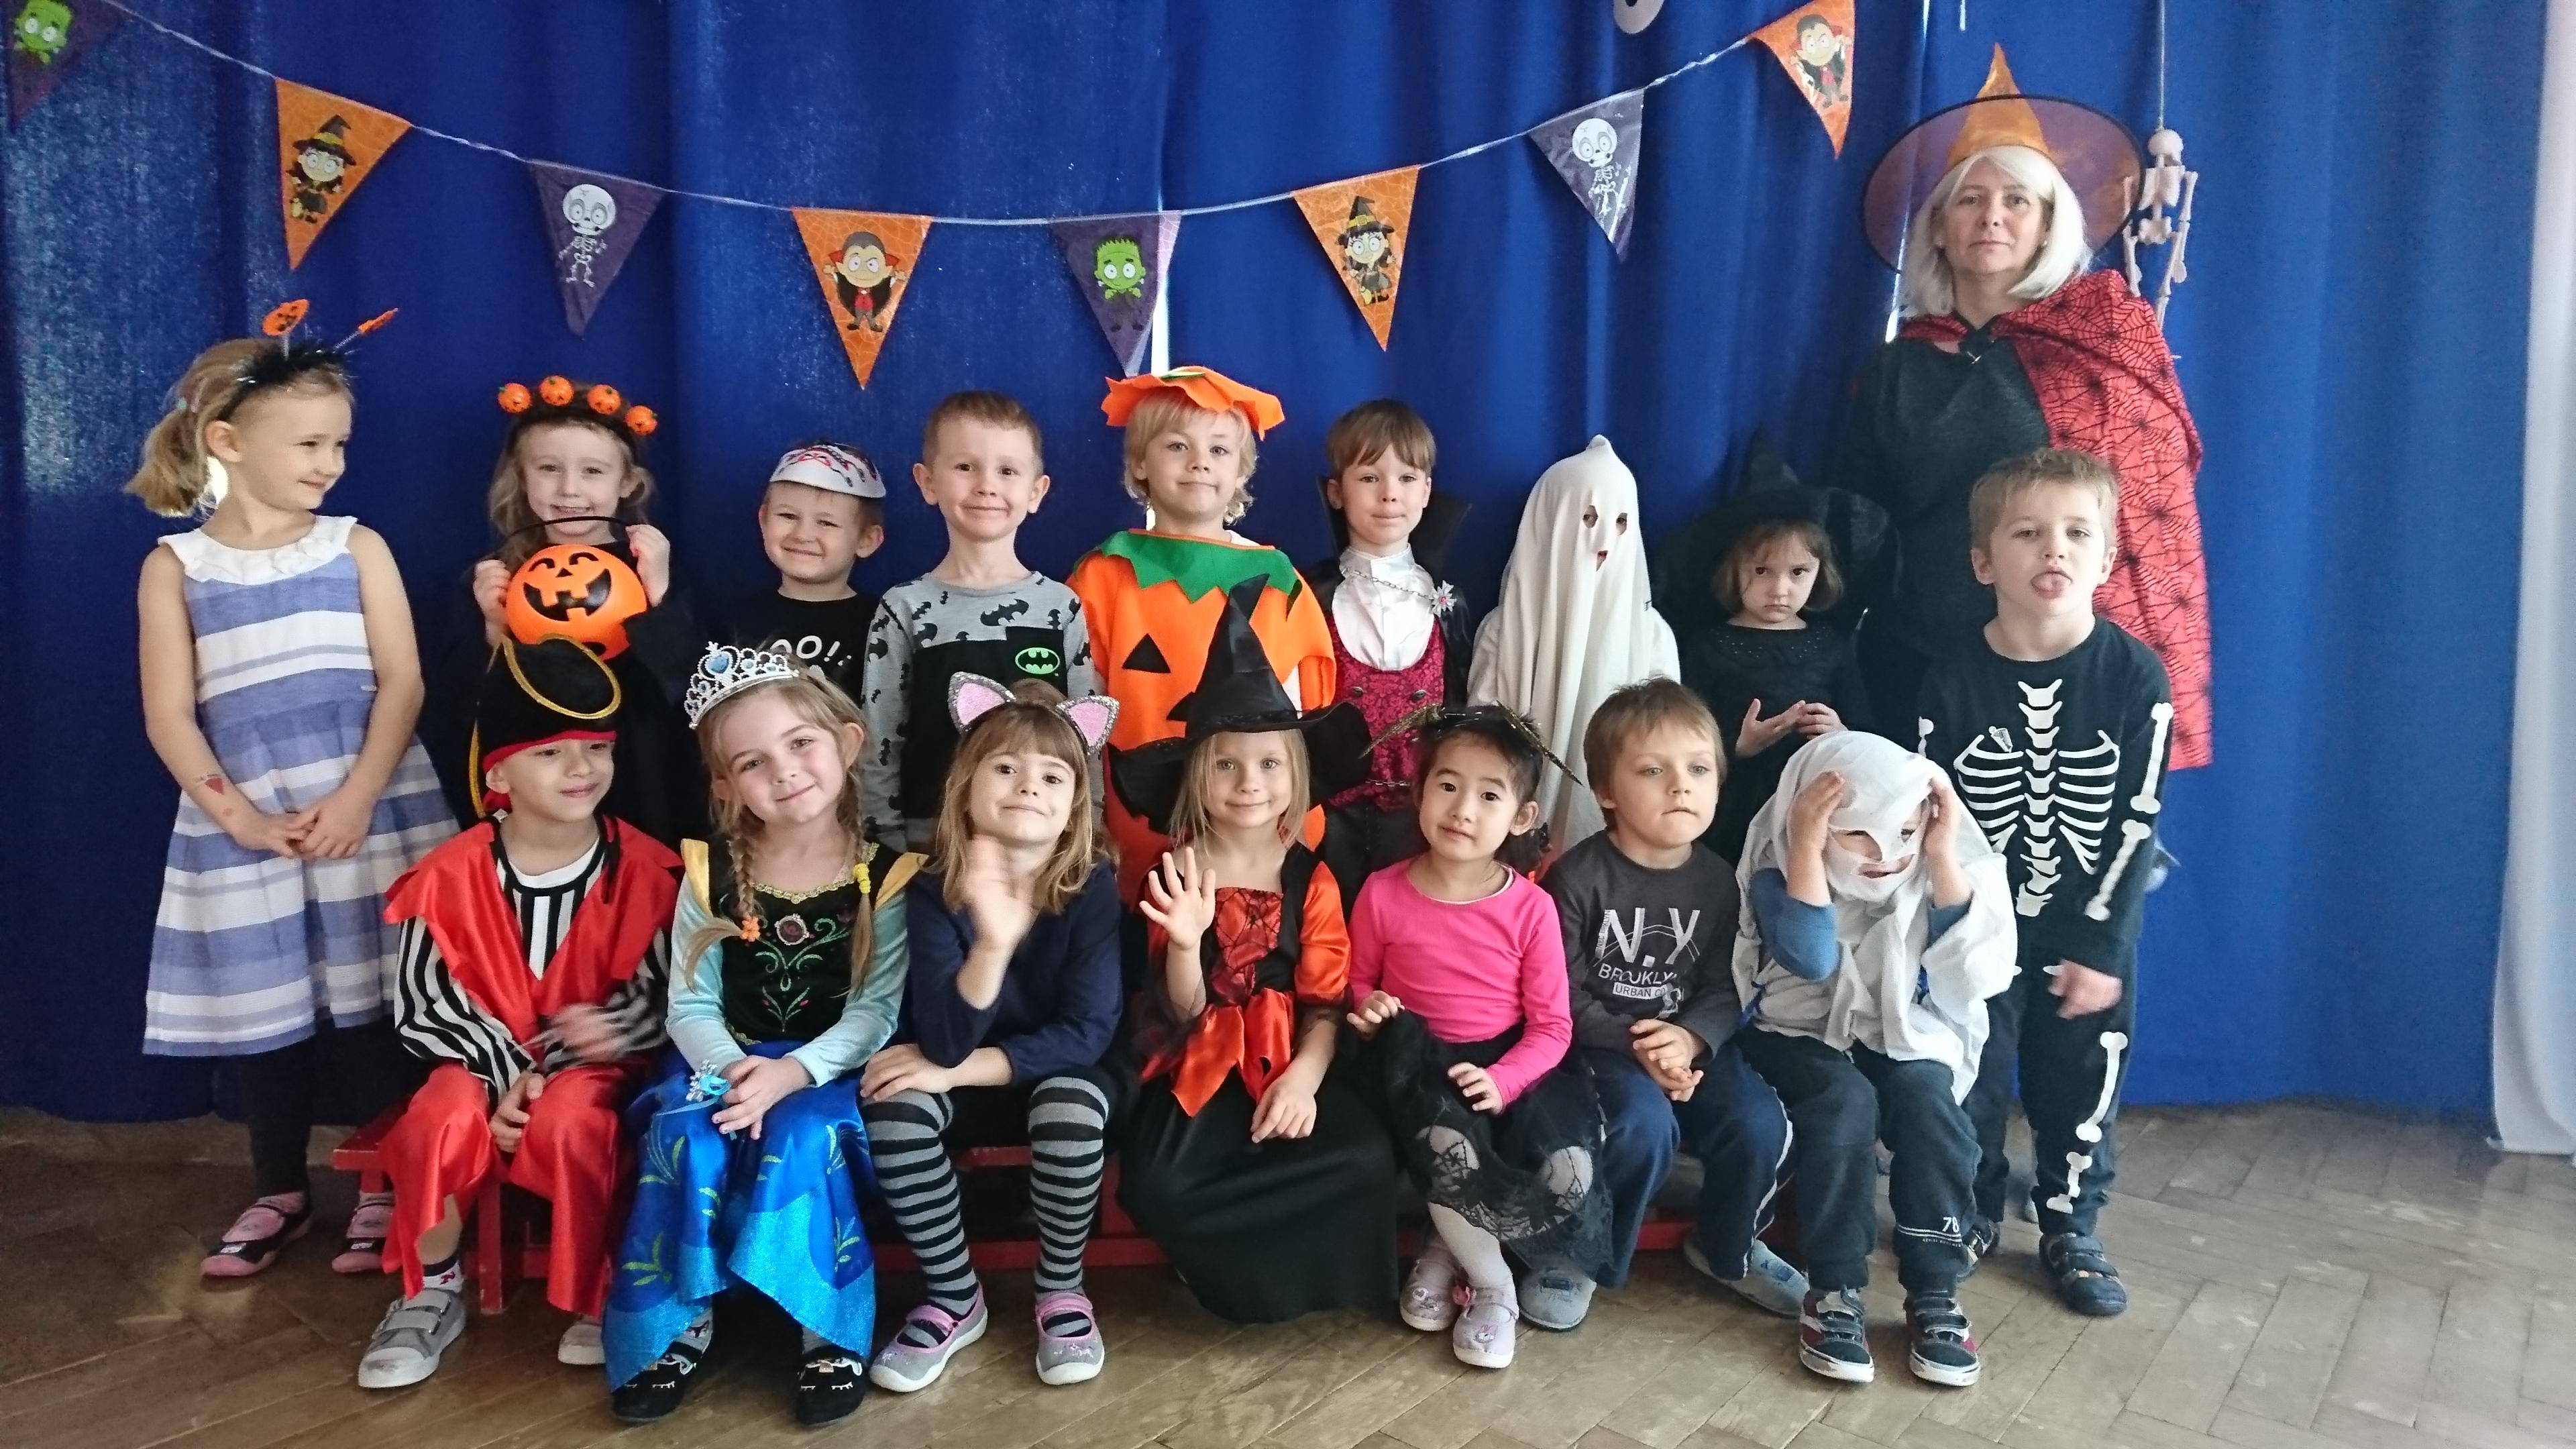 Zdjęcie grupowe dzieci przebranych w troje halloweenowe